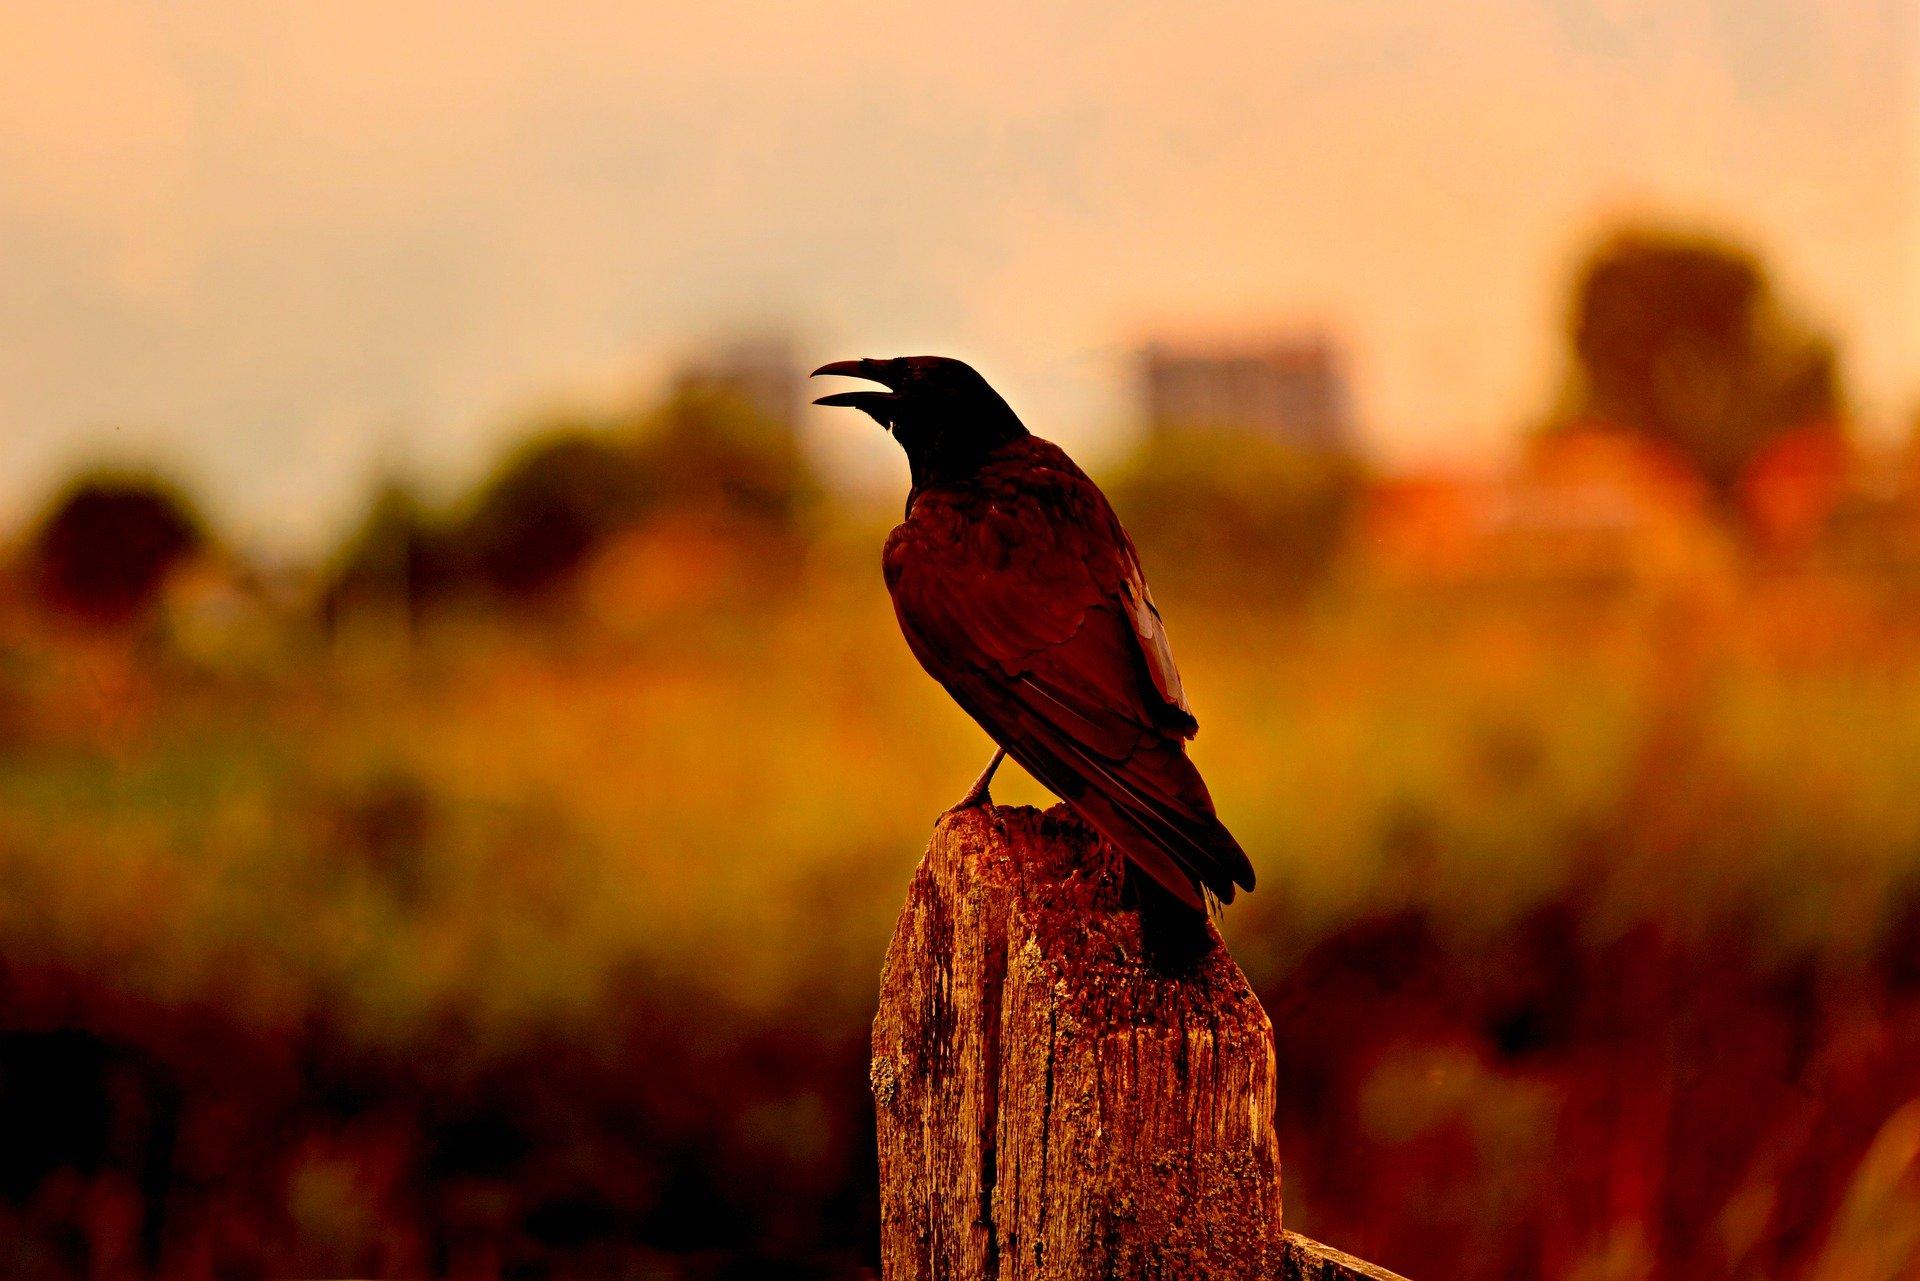 crow-3604685_1920